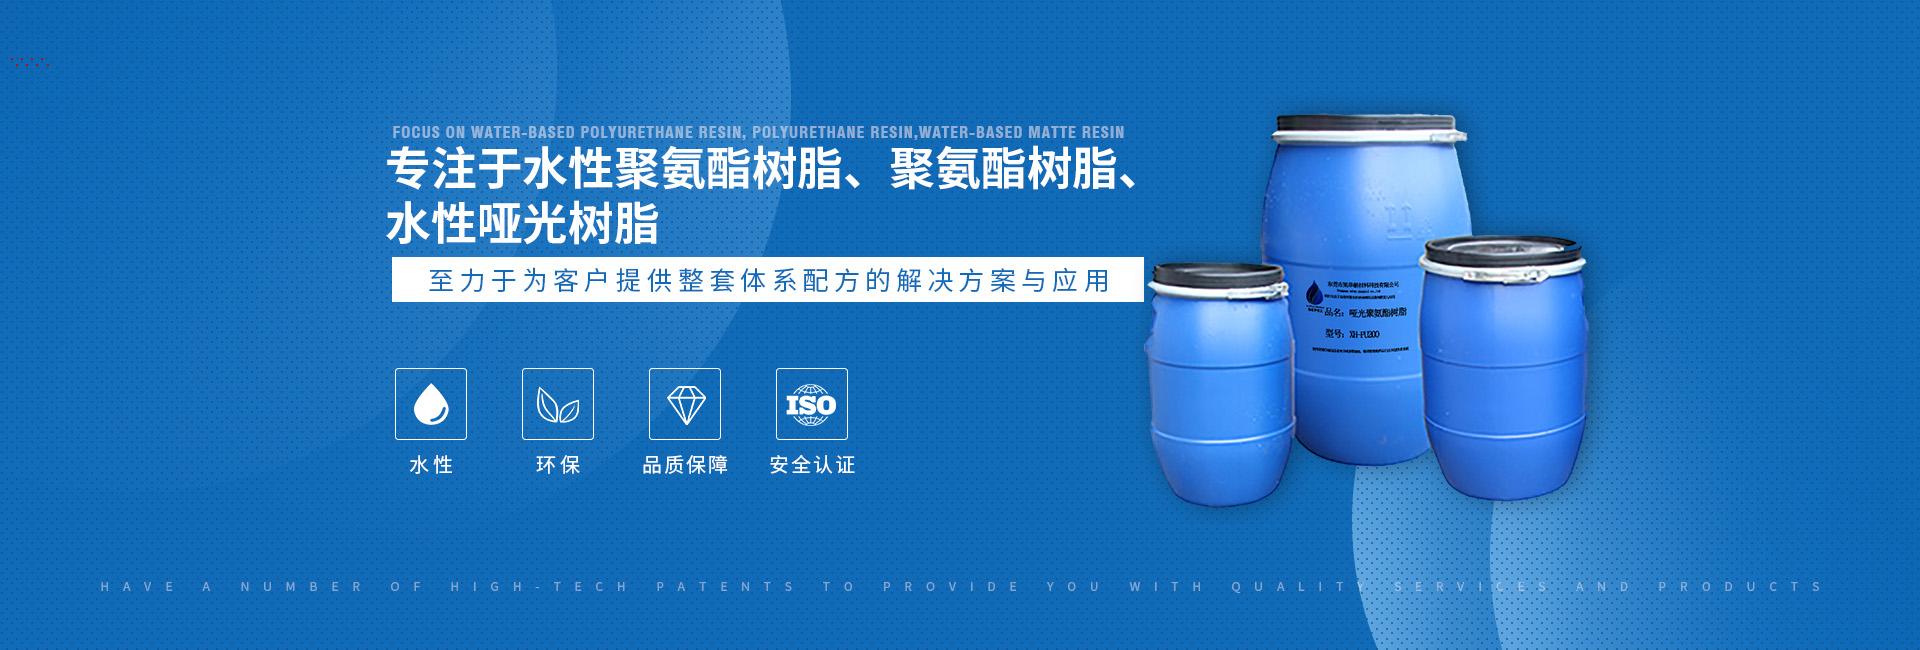 水性聚氨酯树脂,聚氨酯树脂,水性哑光树脂